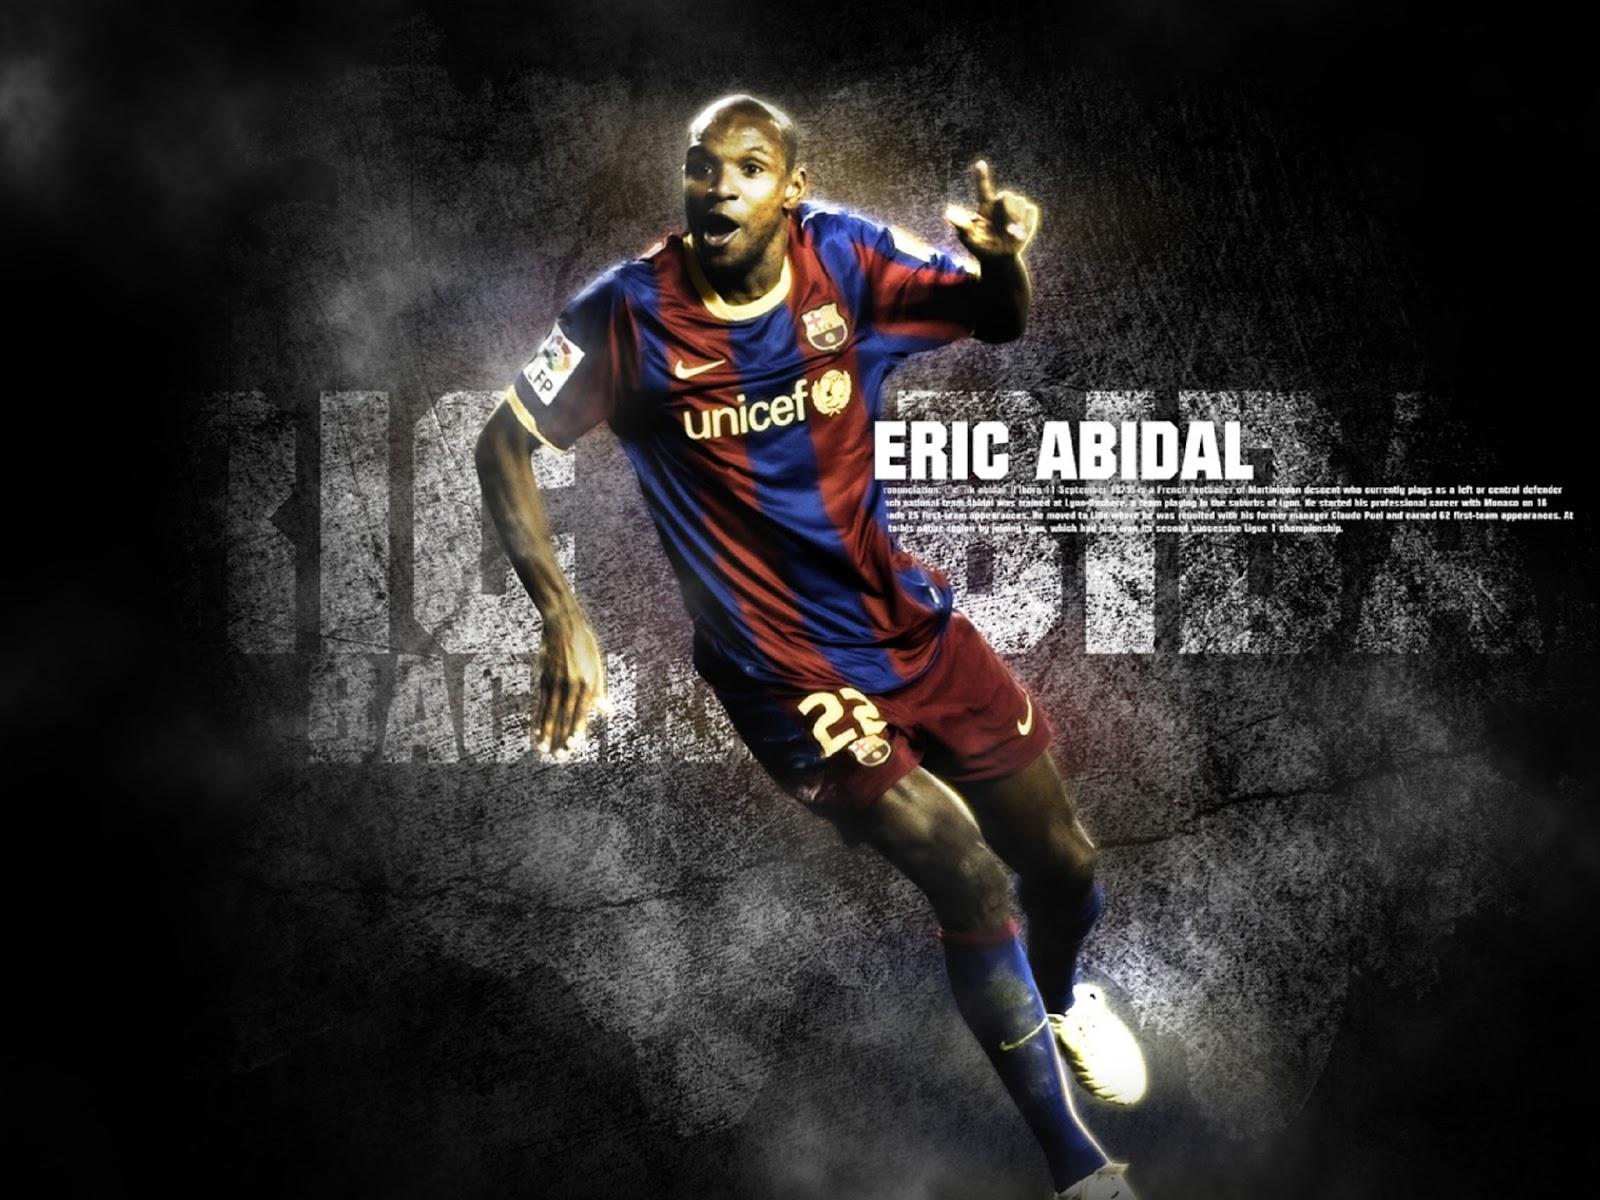 ERIC ABIDAL 6